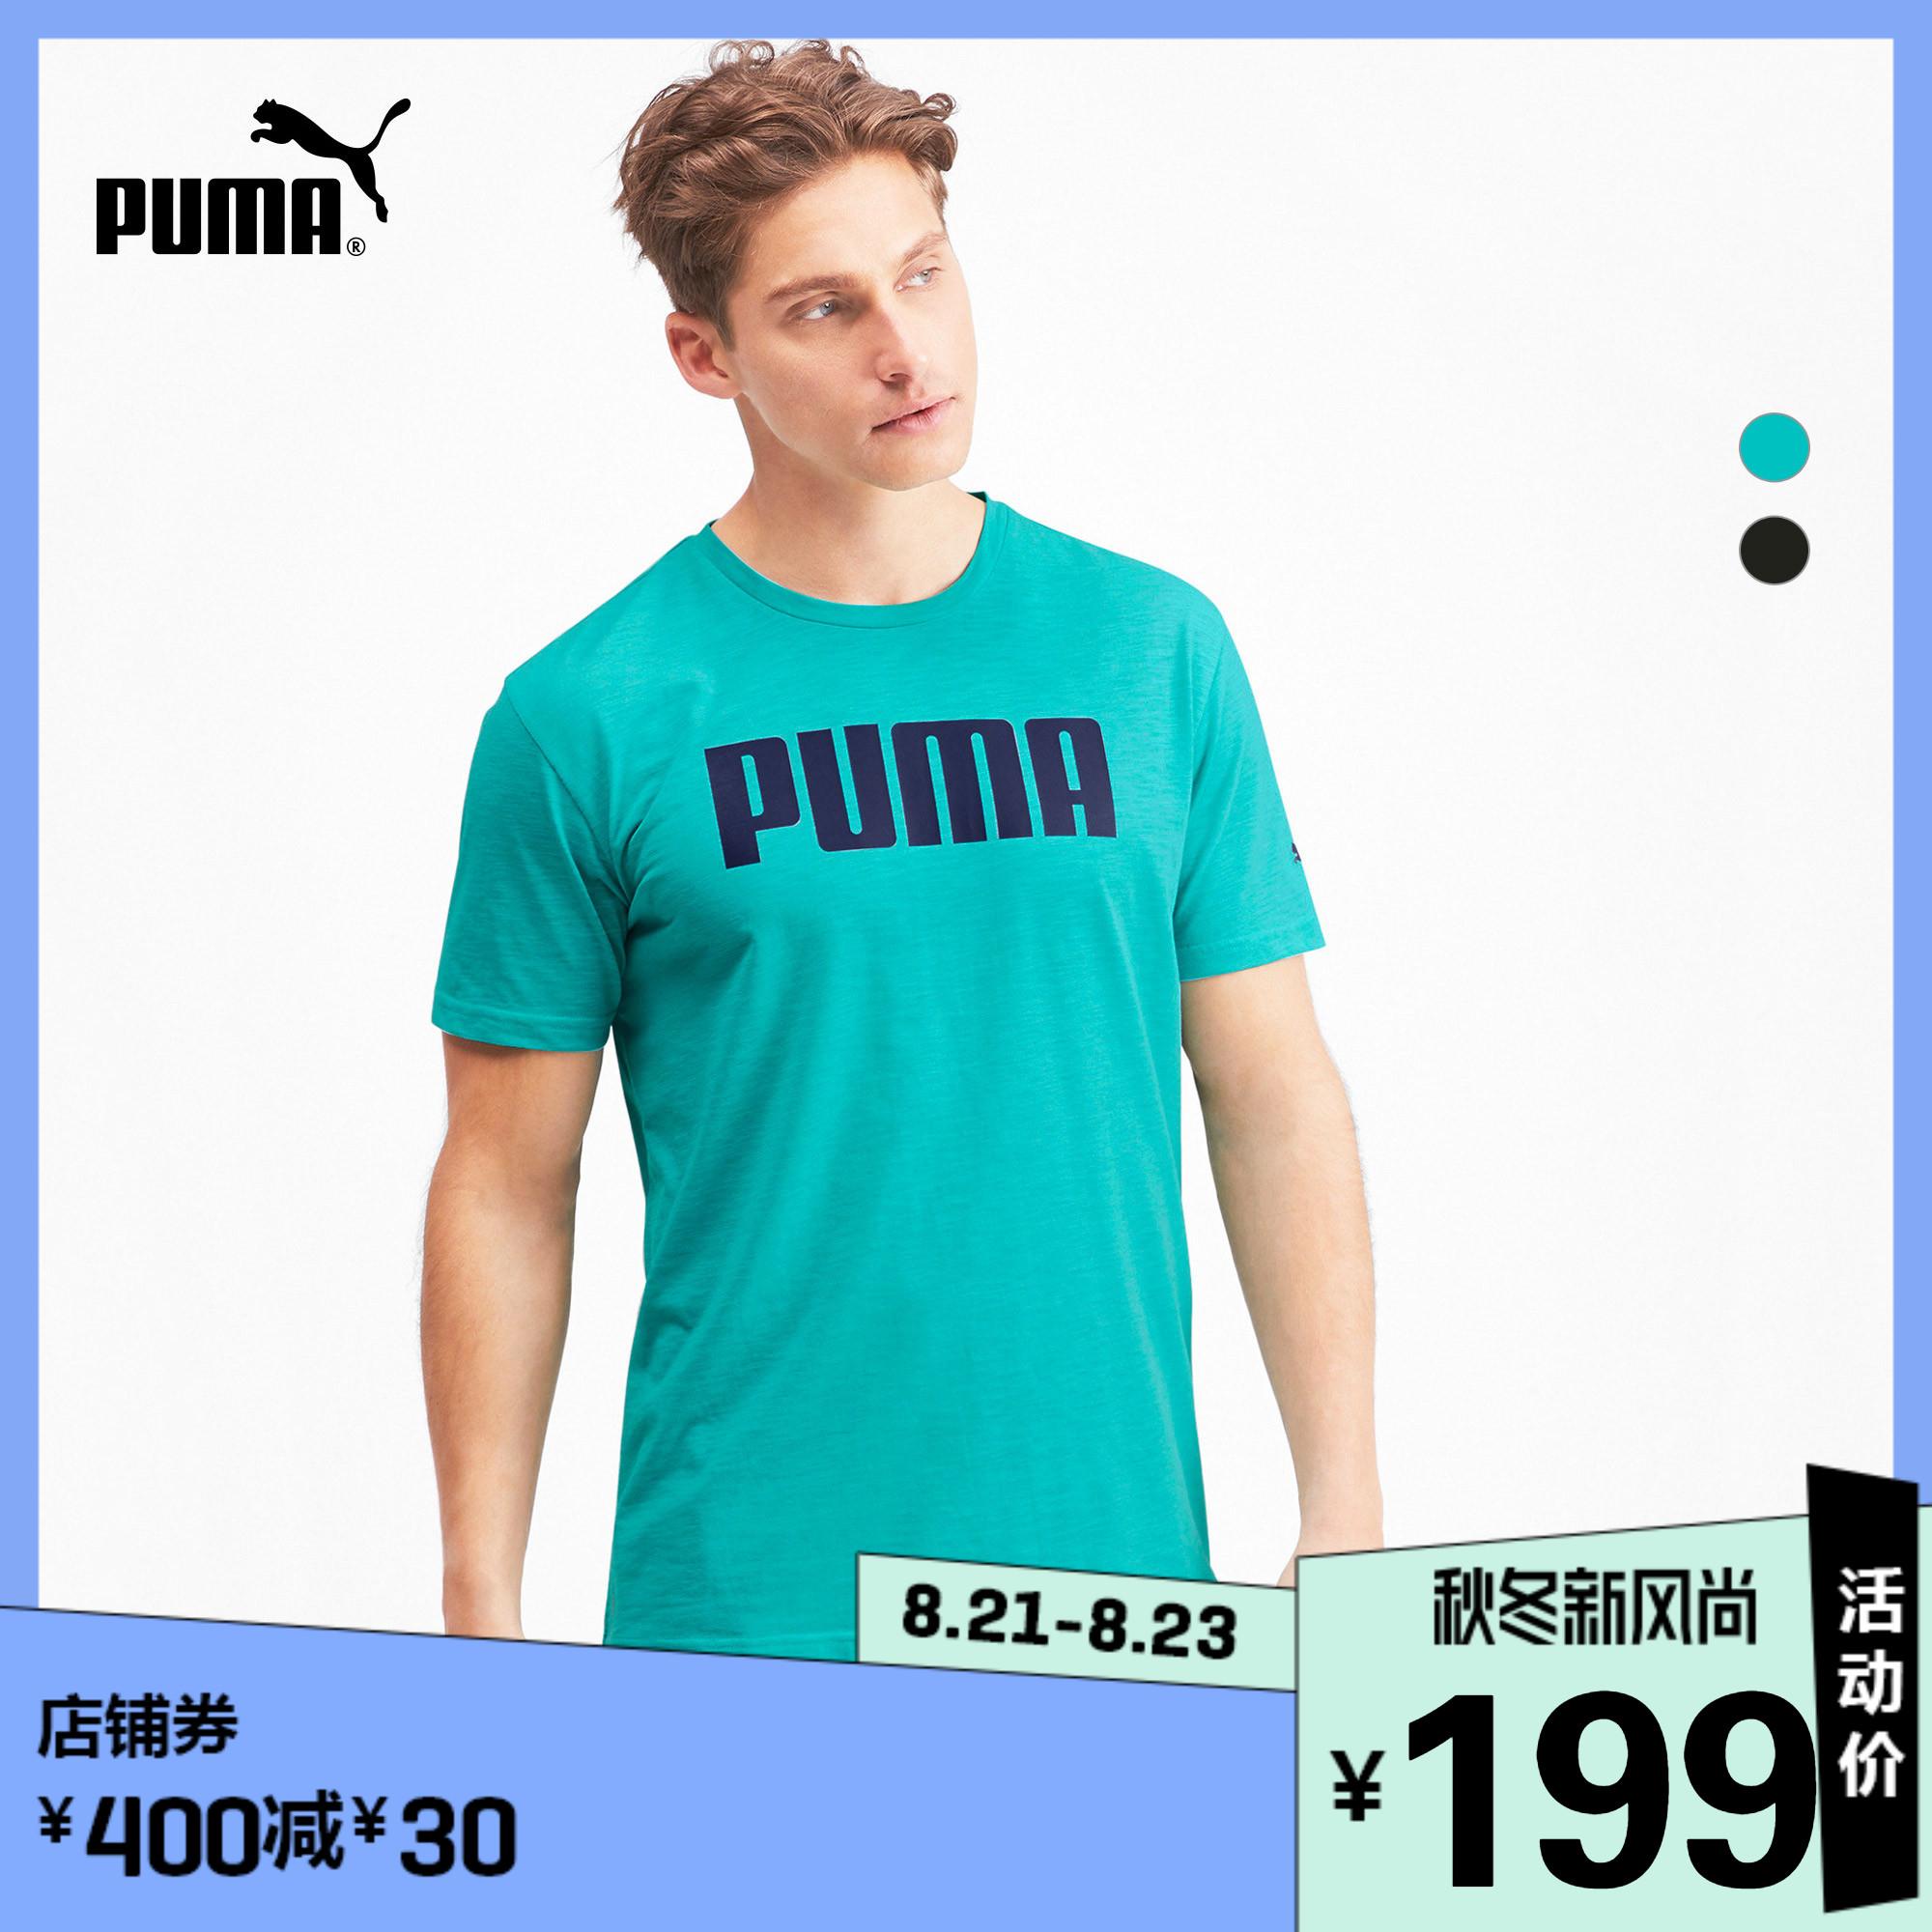 PUMA彪马官方正品 新款男子跑步训练健身印花短袖T恤 SS 518448